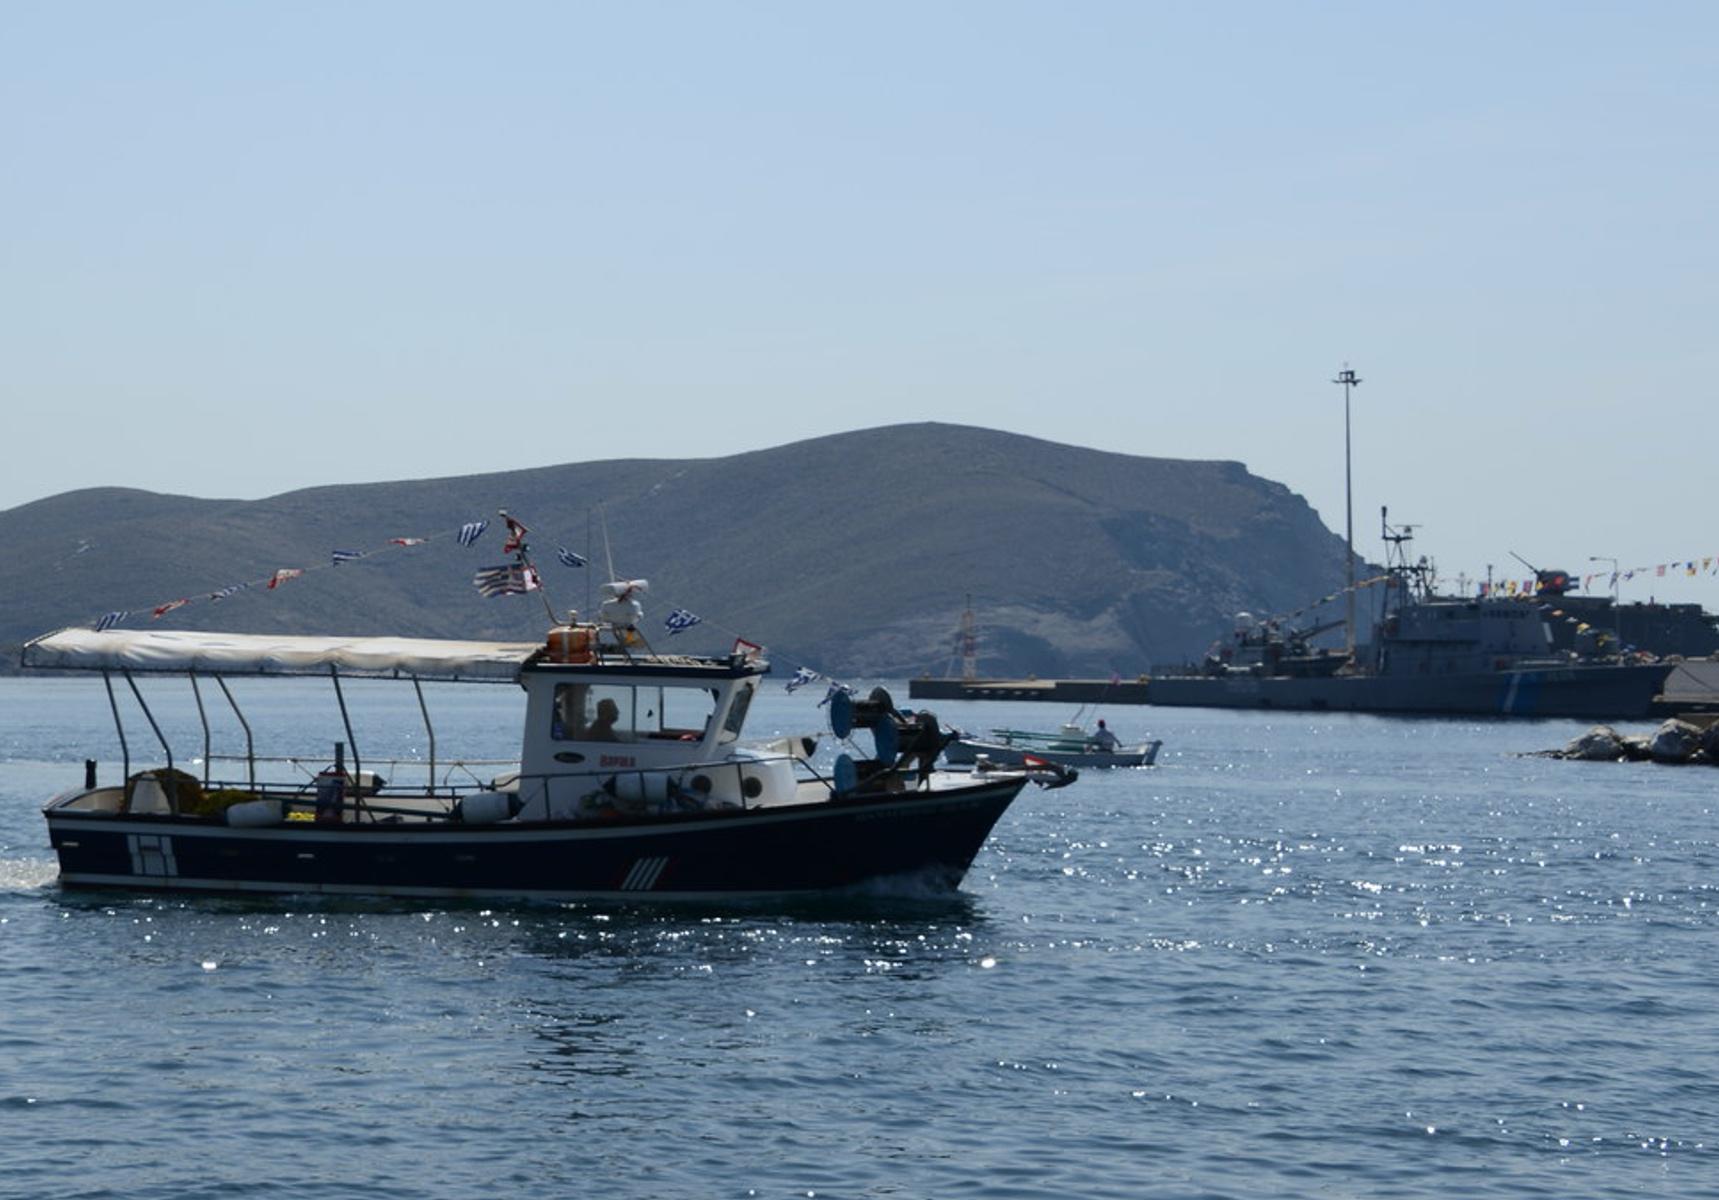 Θρίλερ με τον θάνατο του ναυτικού που βρέθηκε να επιπλέει δίπλα στο πλοίο του στα Ψαρά - Καταγράφηκαν από κάμερα οι τελευταίες κινήσεις του!